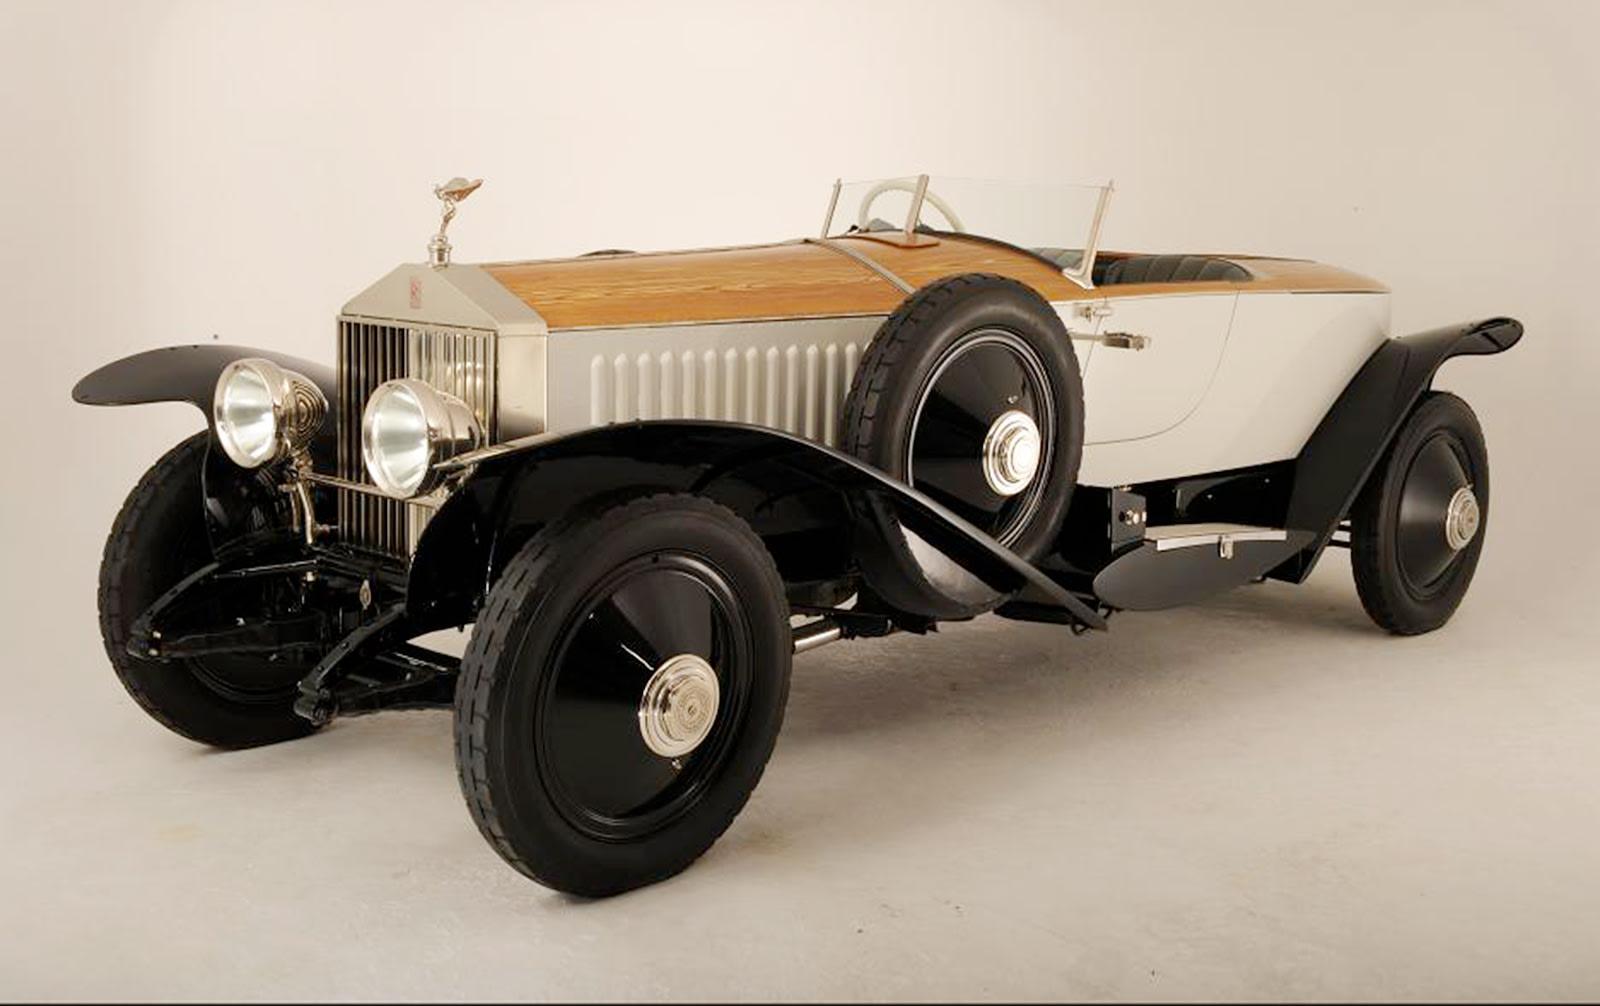 1925 Rolls-Royce Phantom I Barker Boattail